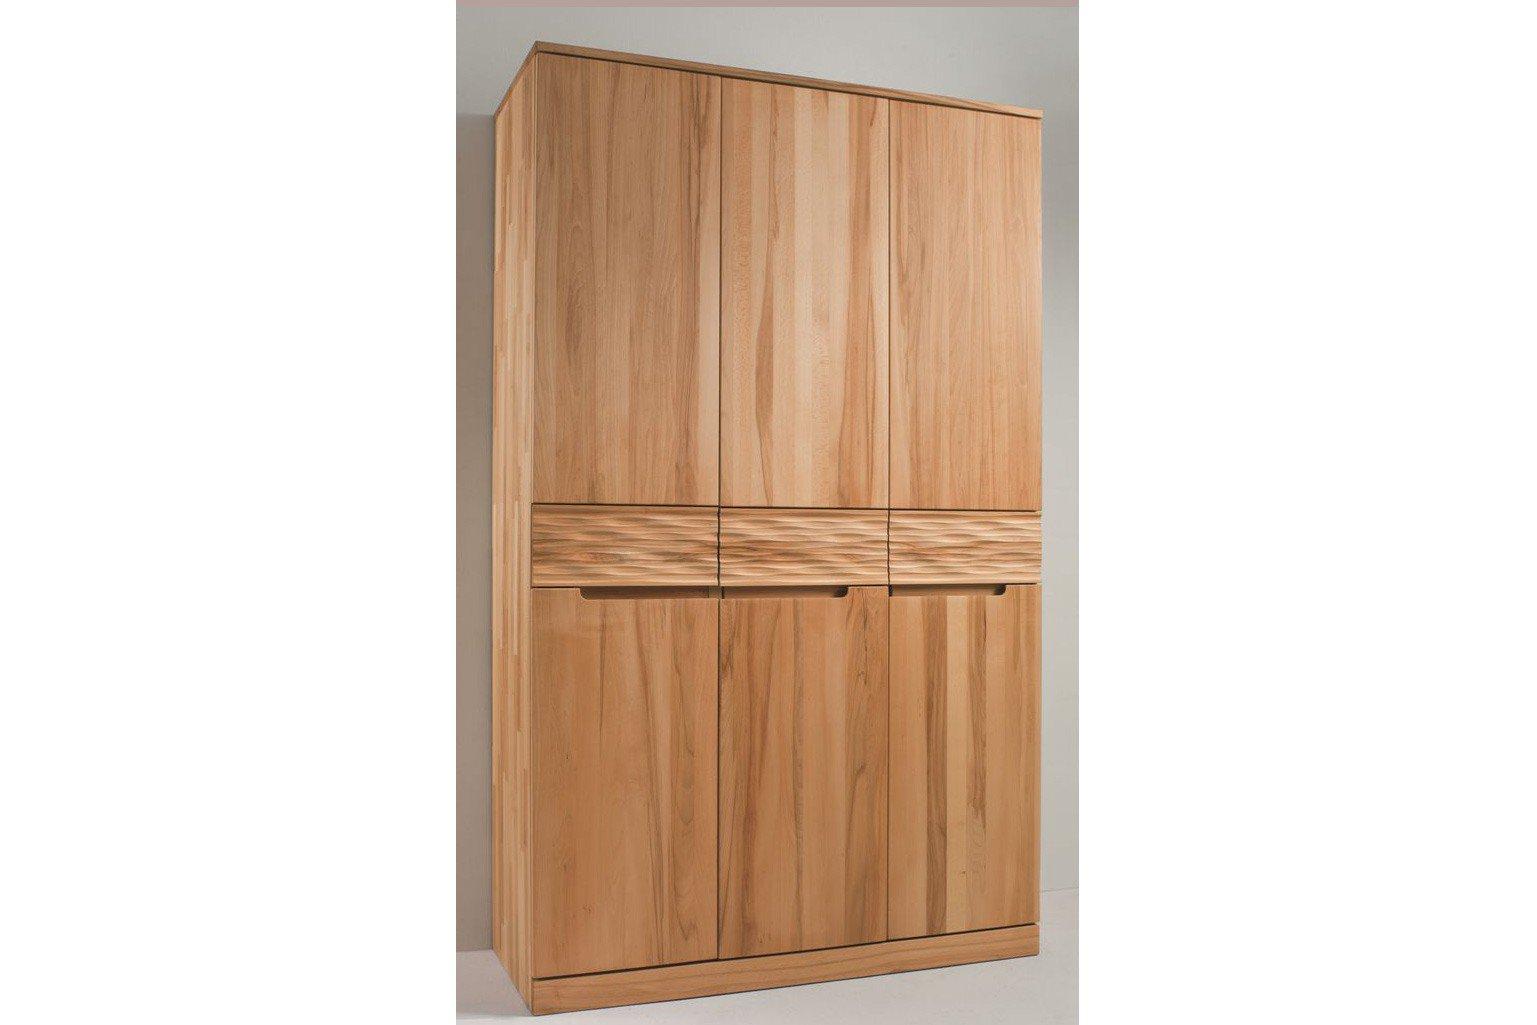 Garderobenschrank Arcona Von Gradel In Kernbuche Möbel Letz Ihr